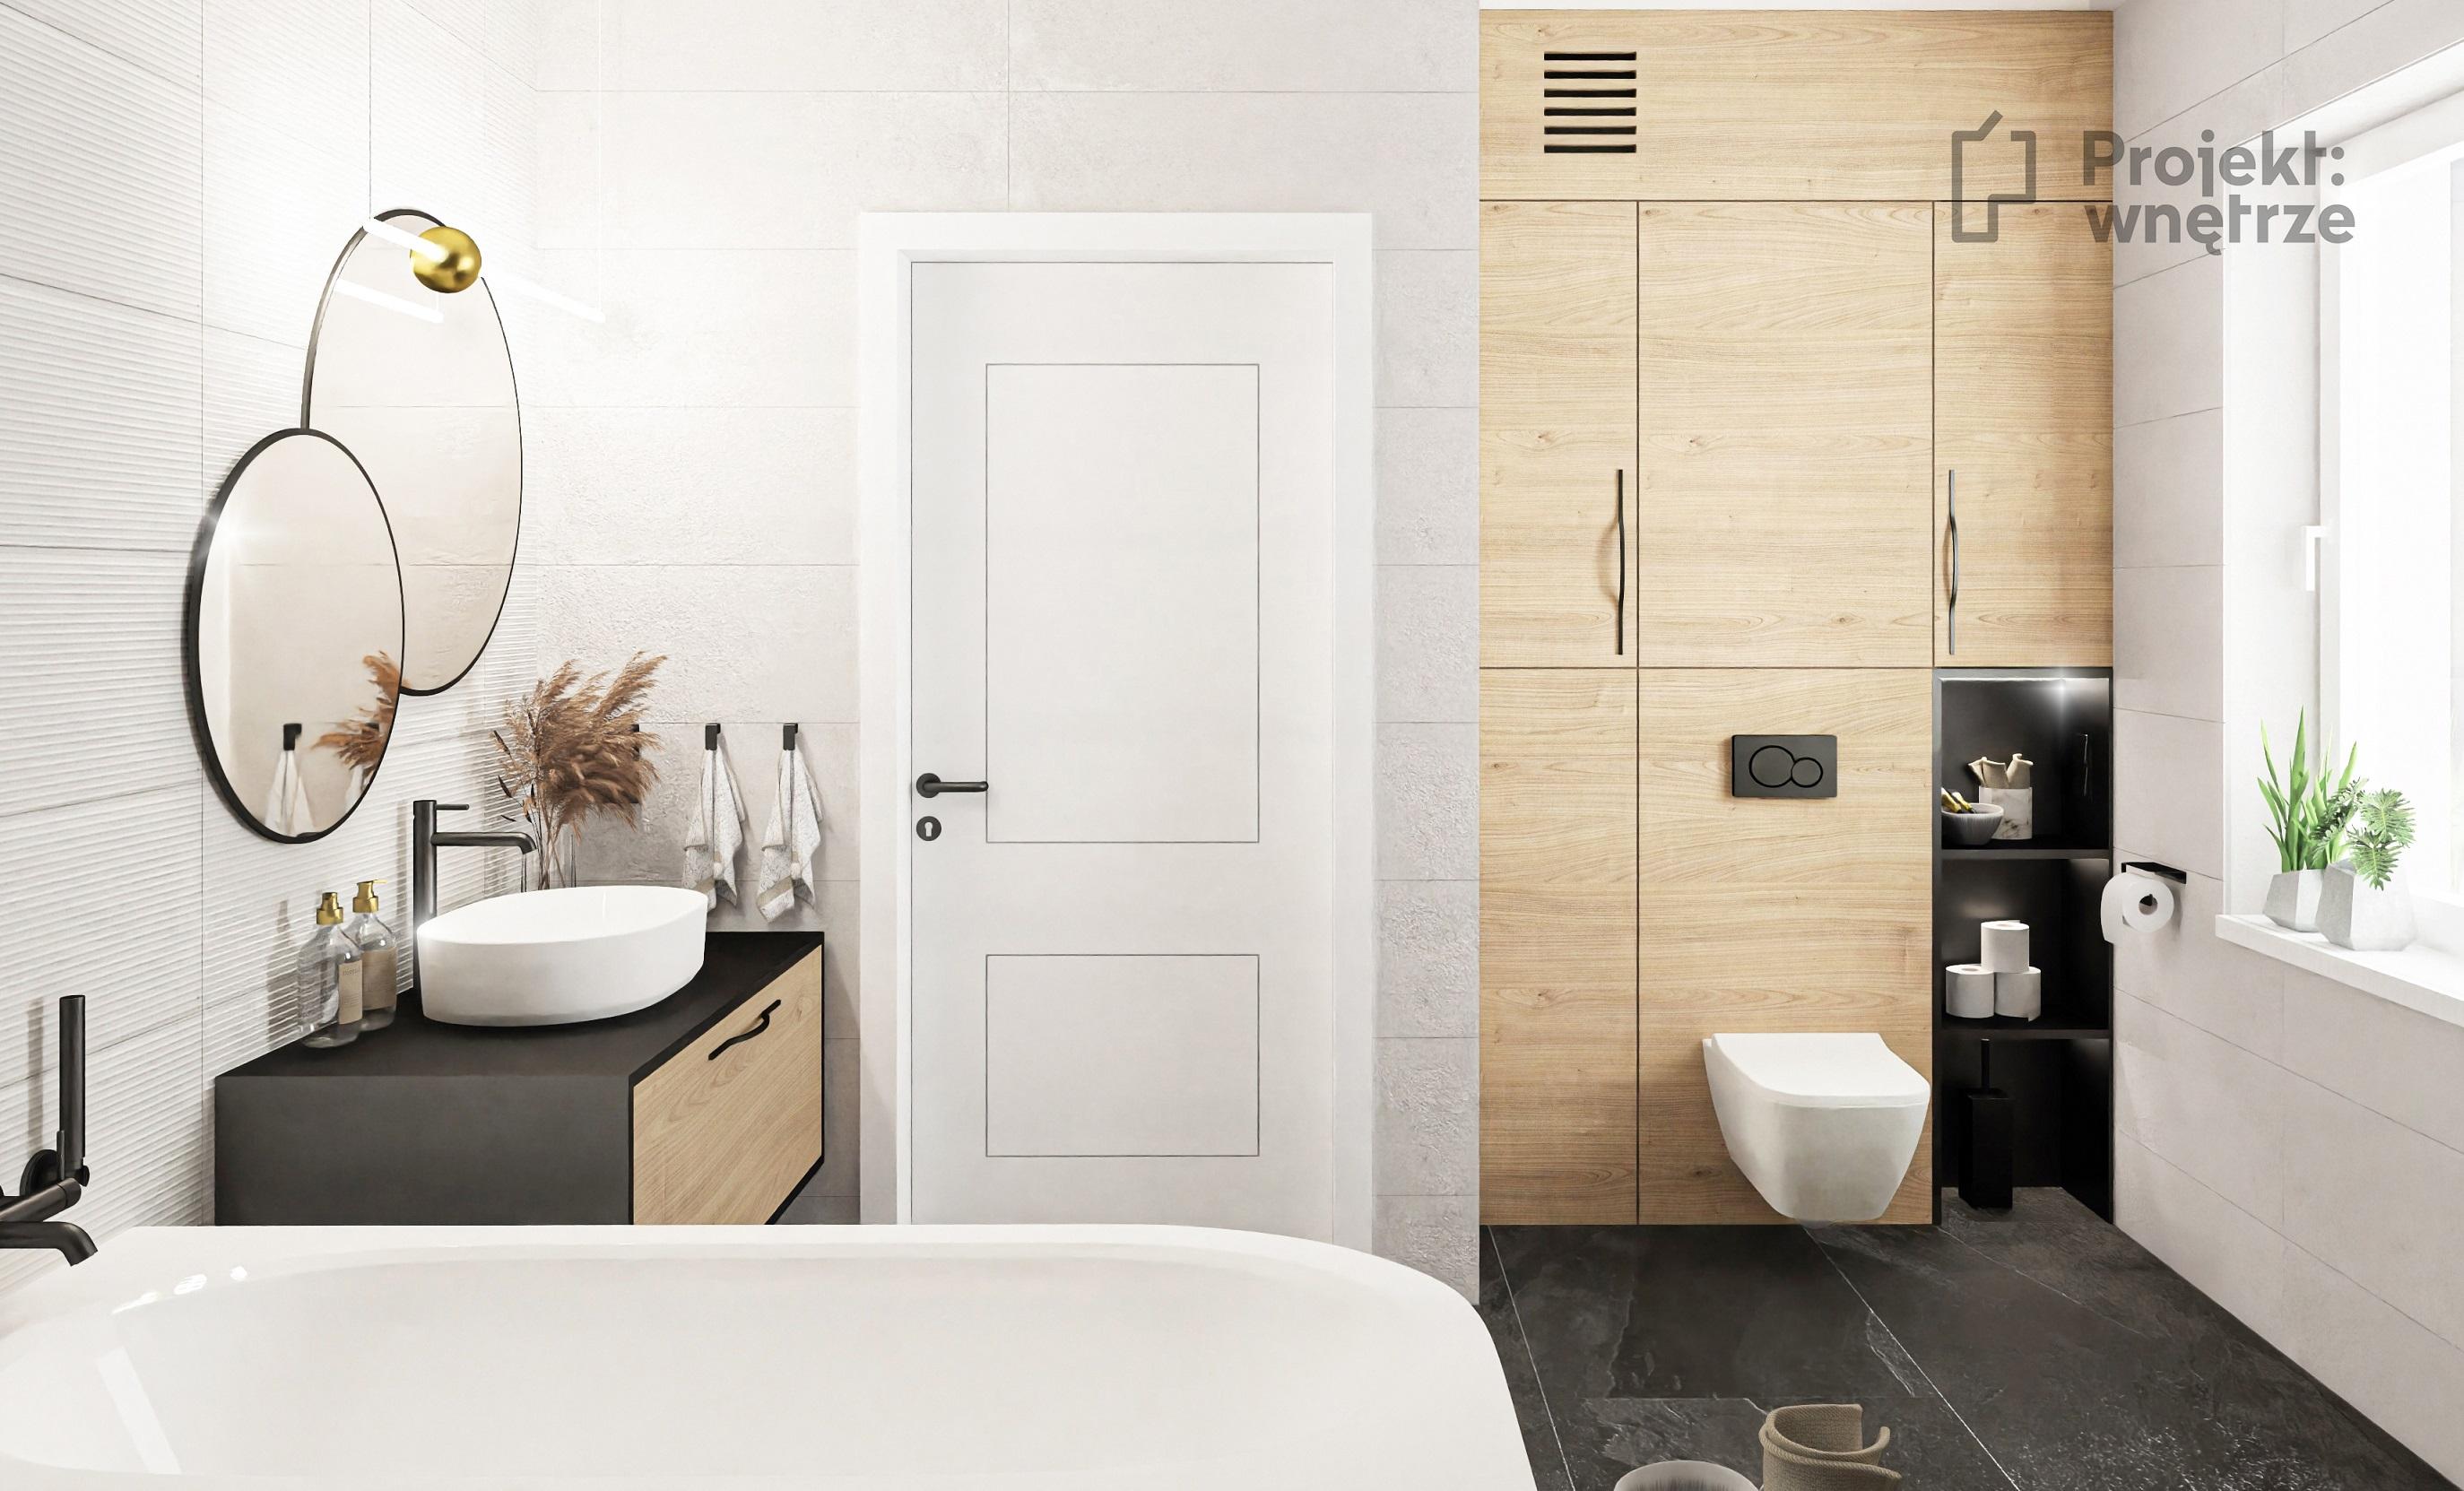 PROJEKT WNĘTRZE projekt łazienki płytki 3D Kaflando GLAZURA LARCHWOOD ALDER 90×30 PULSE PEARL MSH 90×30 drewno lamelki czerń panele Moduleo lustra okrągłe czarny prysznic listwy LED obok wanny - projektowanie wnętrz